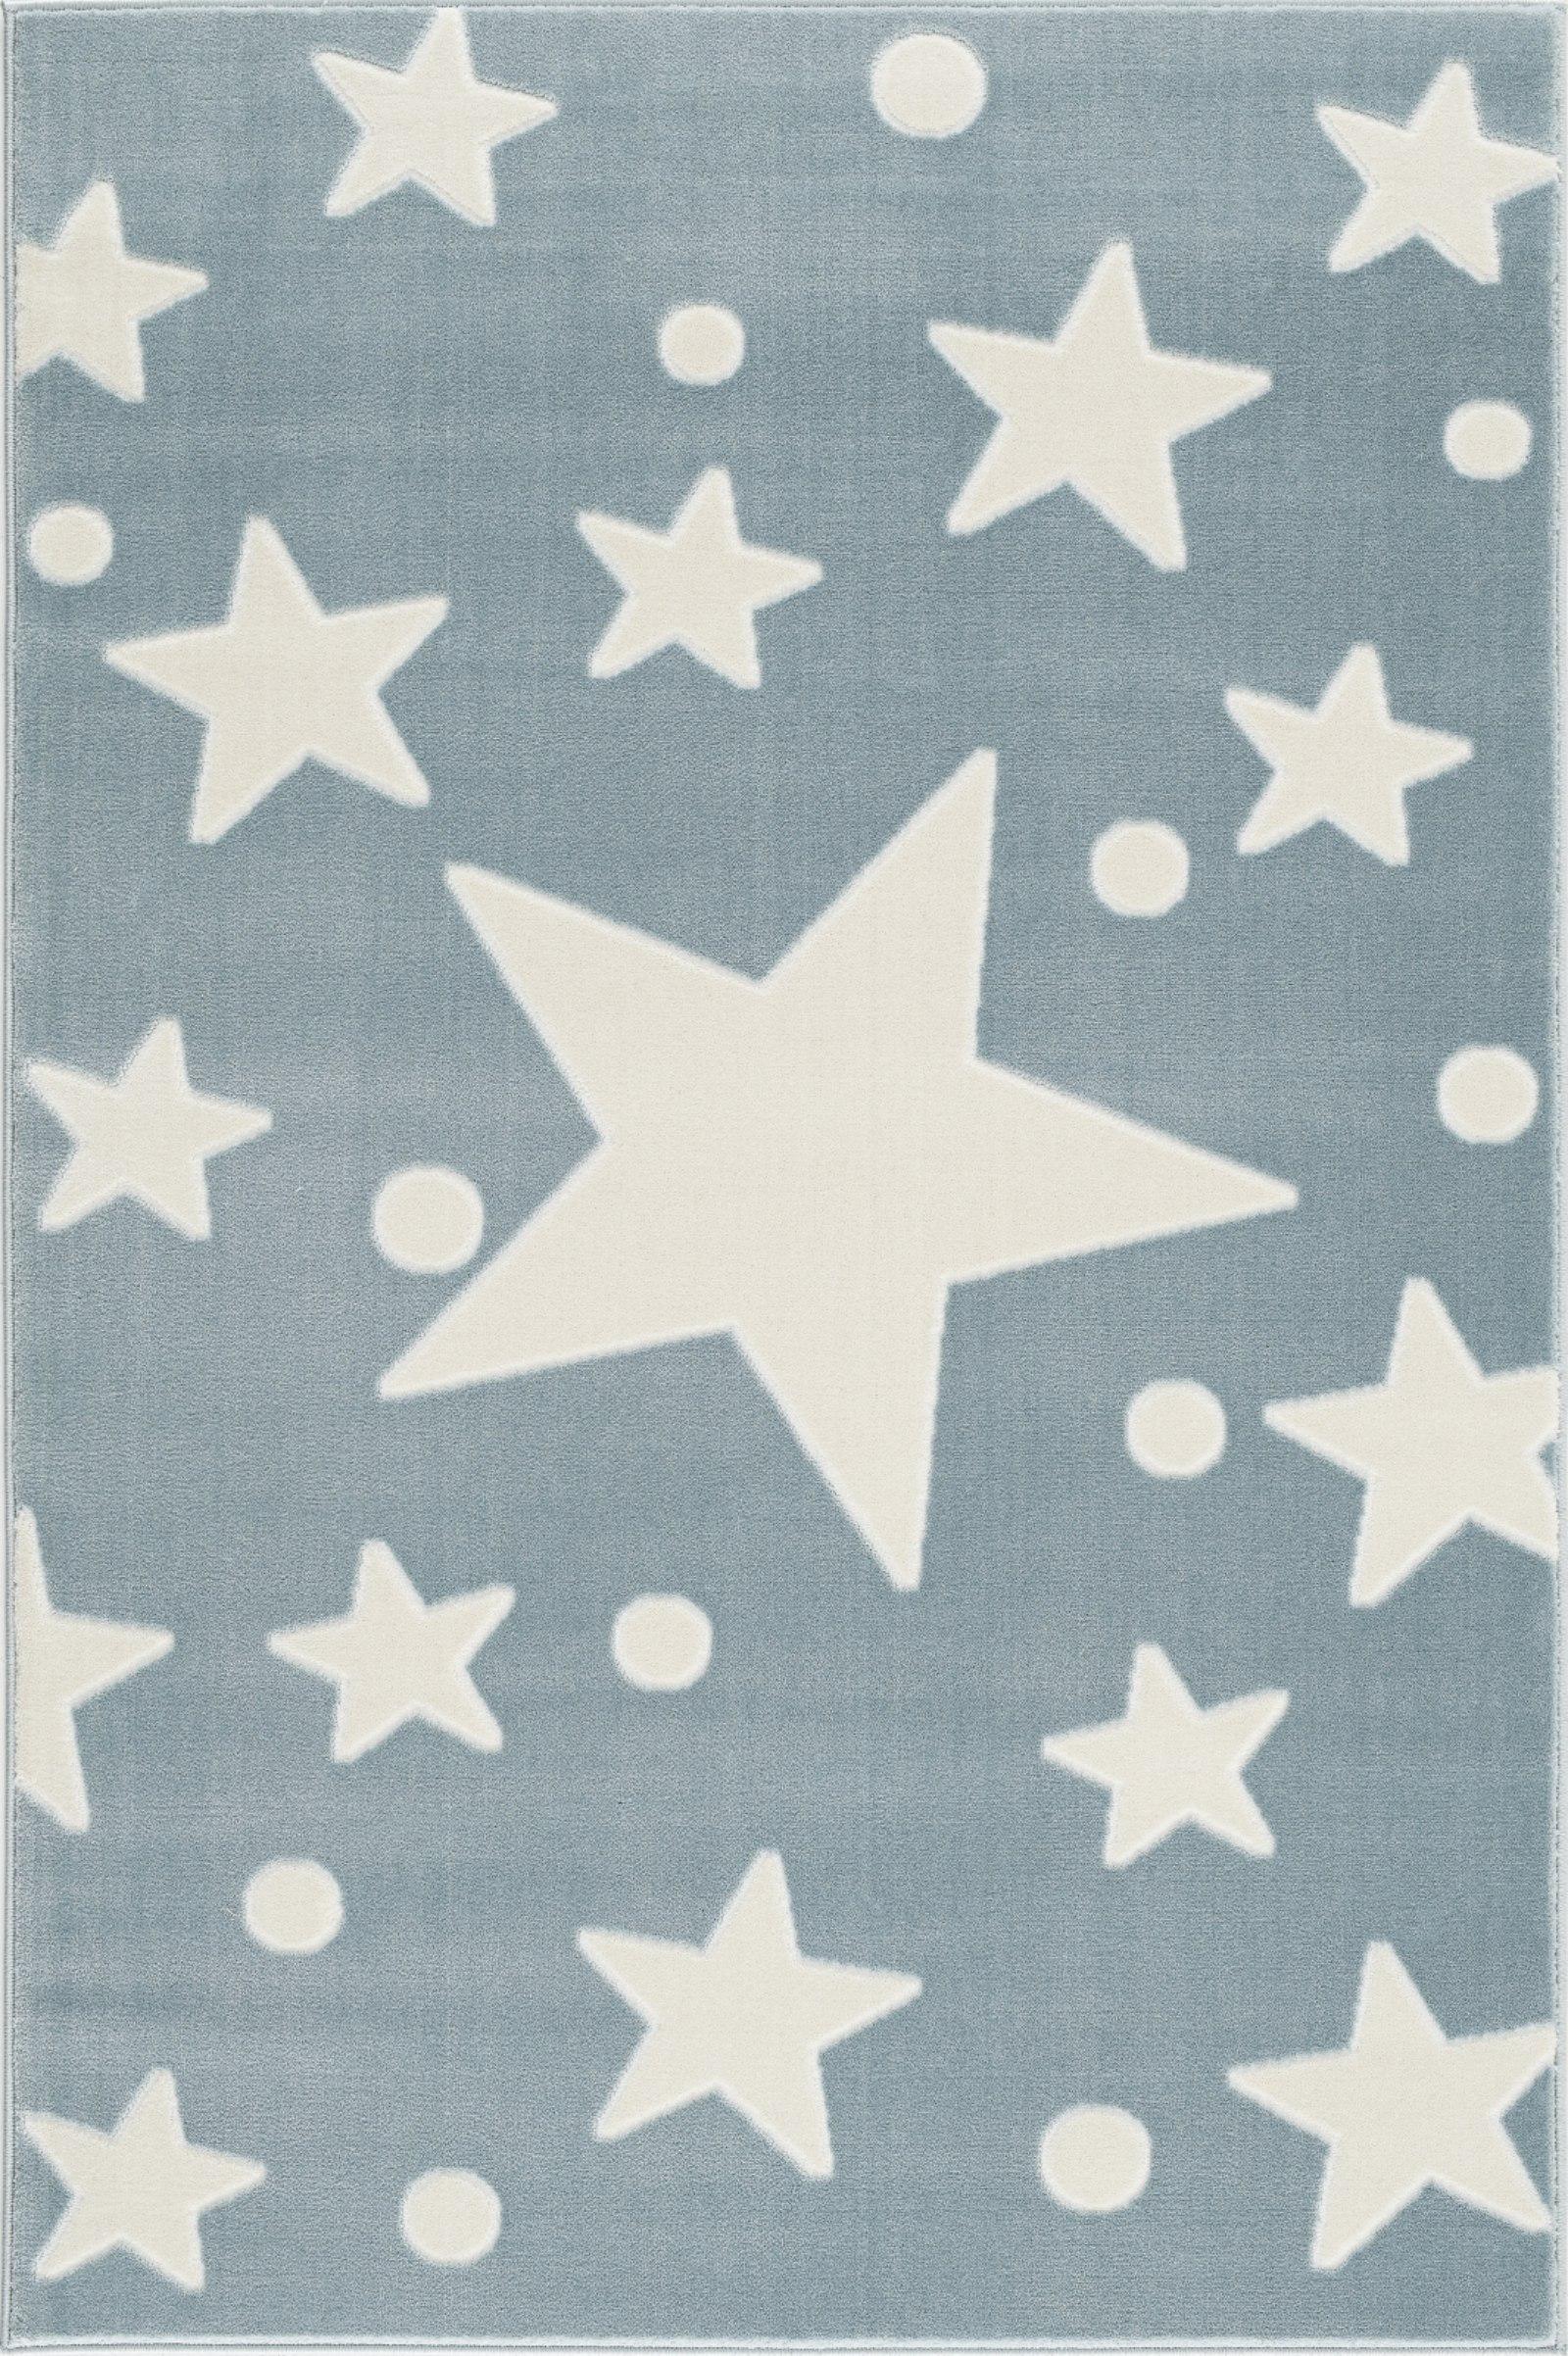 Dětský koberec hvězdy - modrá-bílá 120x180cm